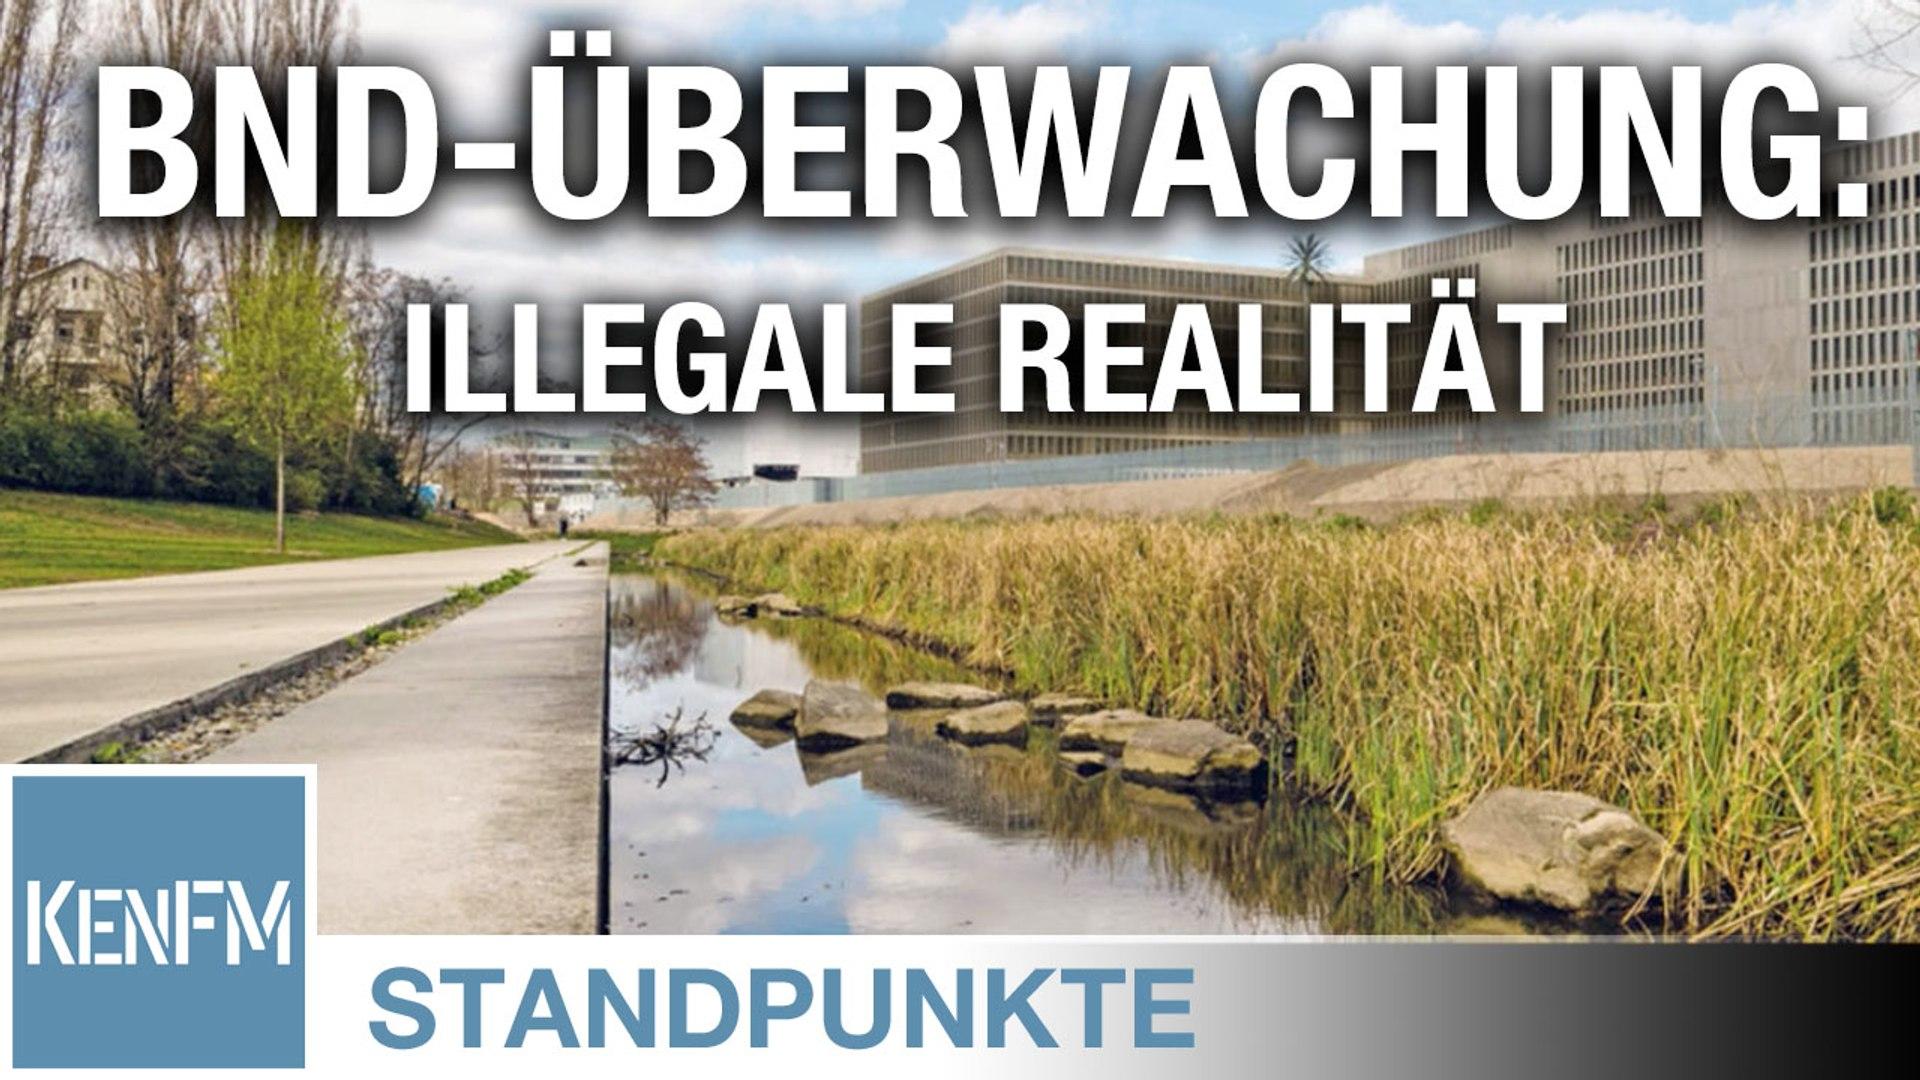 BND-Überwachung - Illegale Realität • STANDPUNKTE